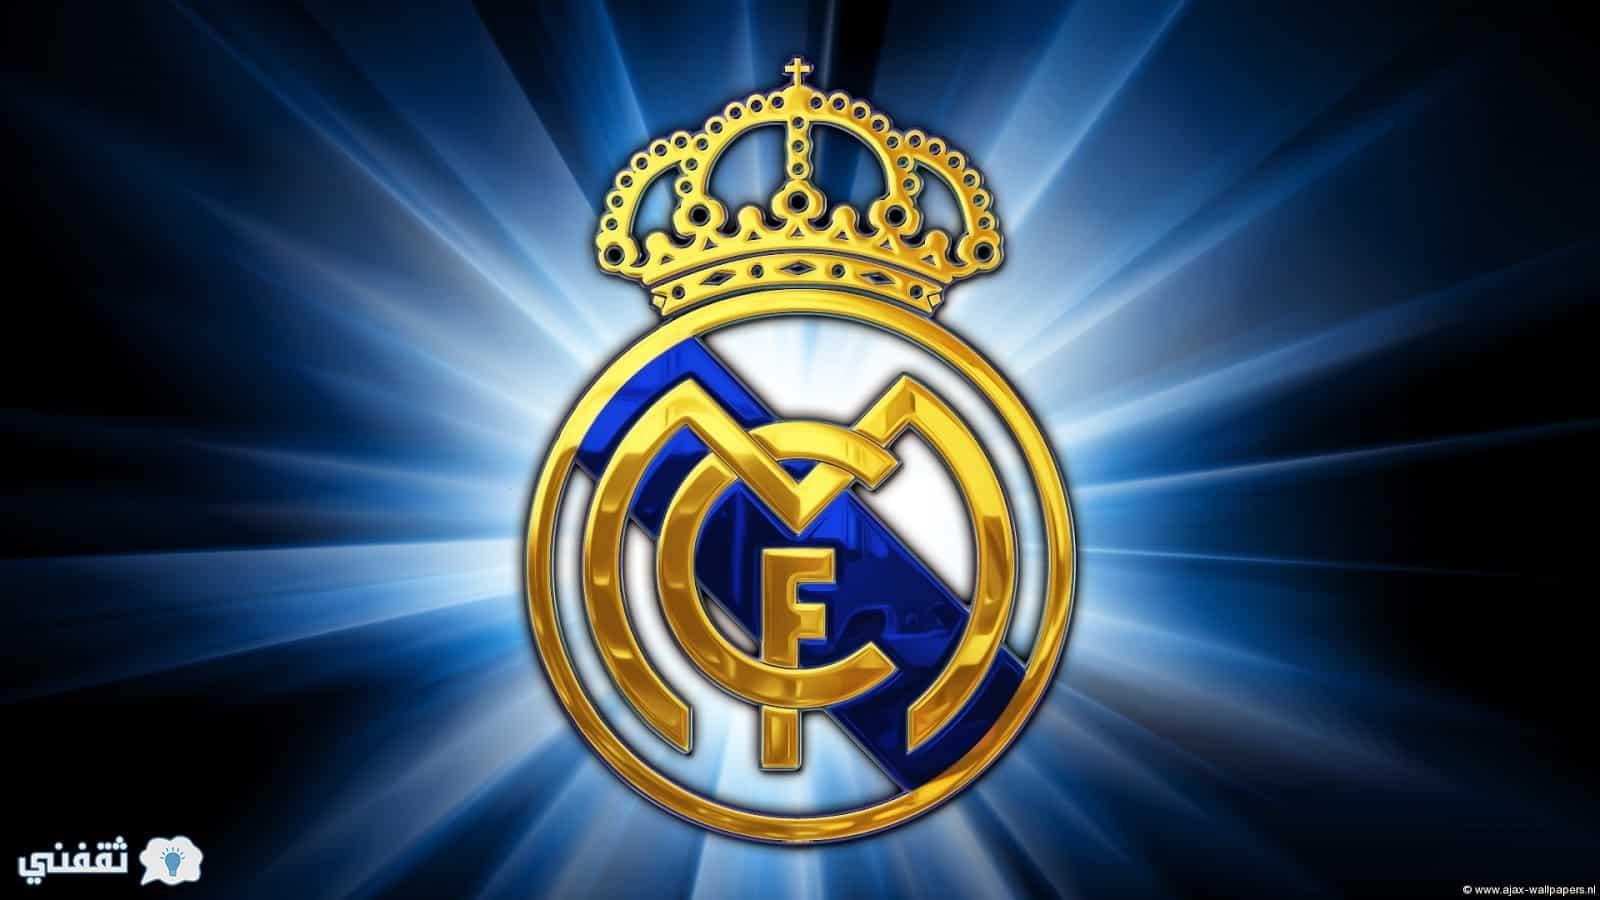 اخبار ريال مدريد للموسم 2017/2018 متابعة اخر اخبار ريال مدريد اليوم وصفقات الفريق في الميركاتو